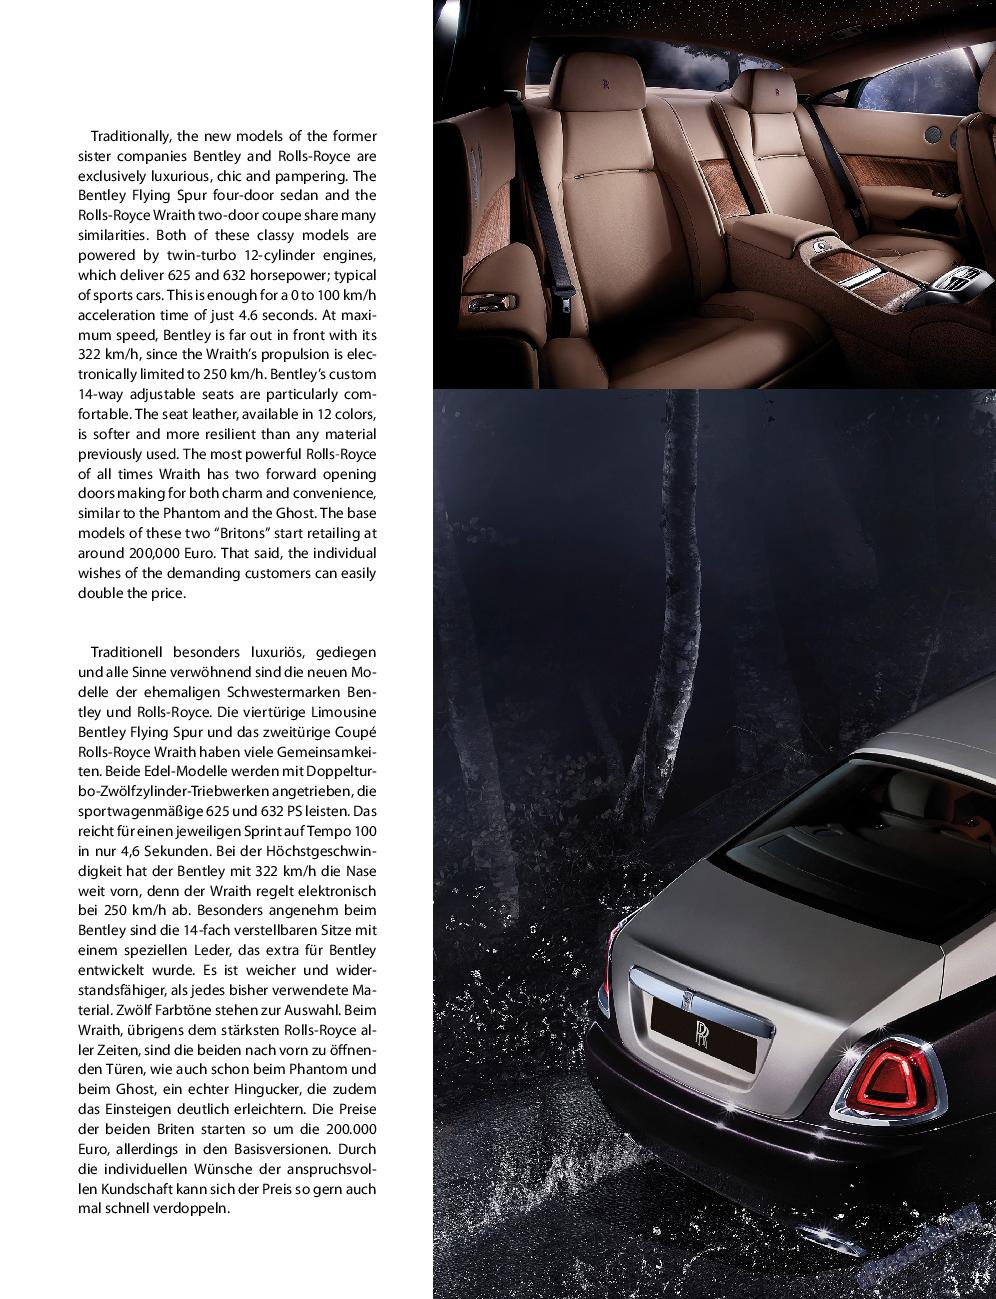 Клан (журнал). 2013 год, номер 4, стр. 30